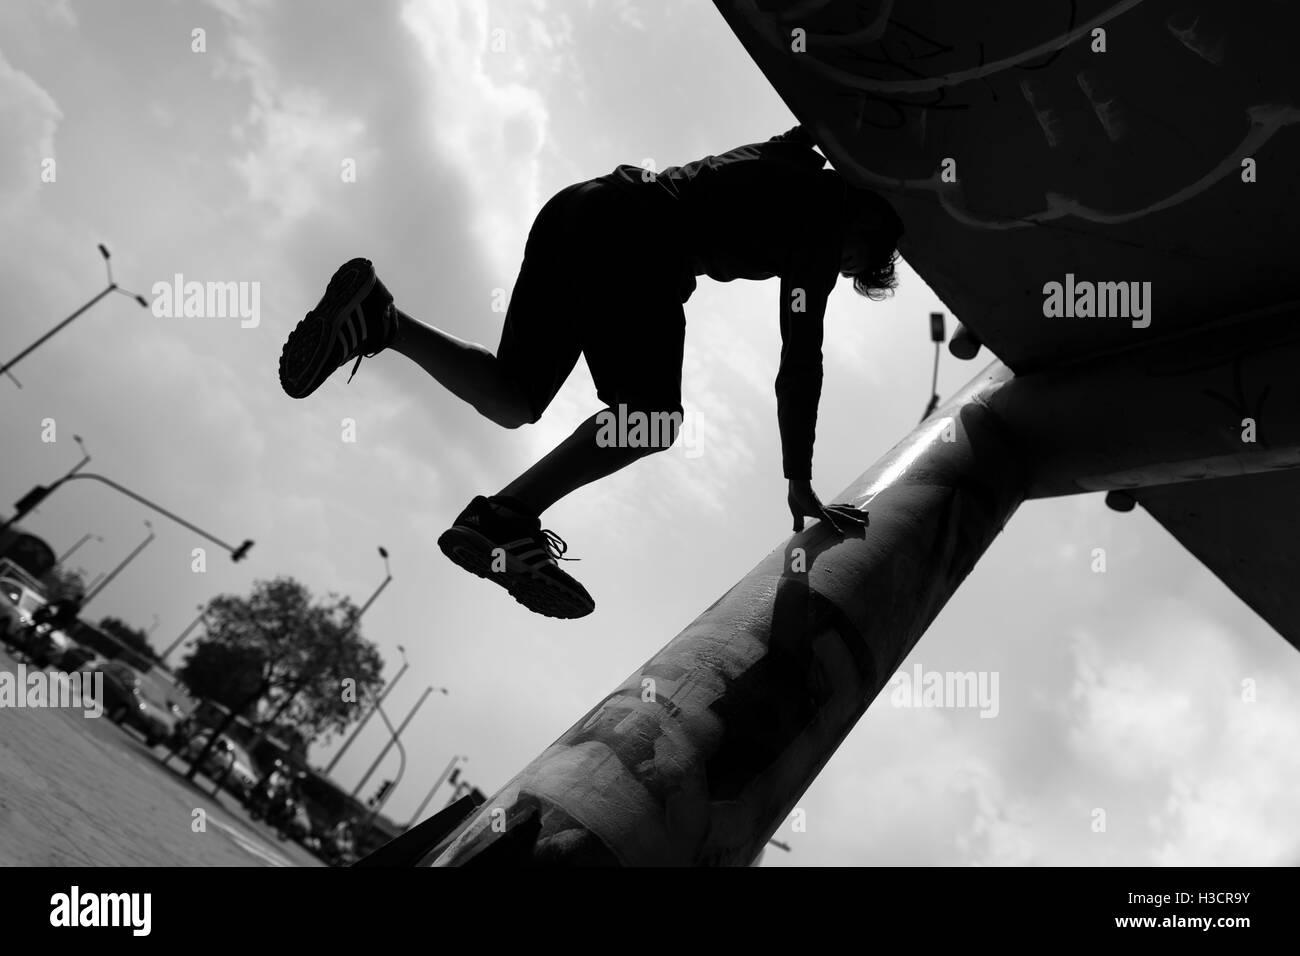 Steven Mantilla, un freerunner de Tamashikaze equipo, realiza el parkour se mueve durante un entrenamiento en la Imagen De Stock